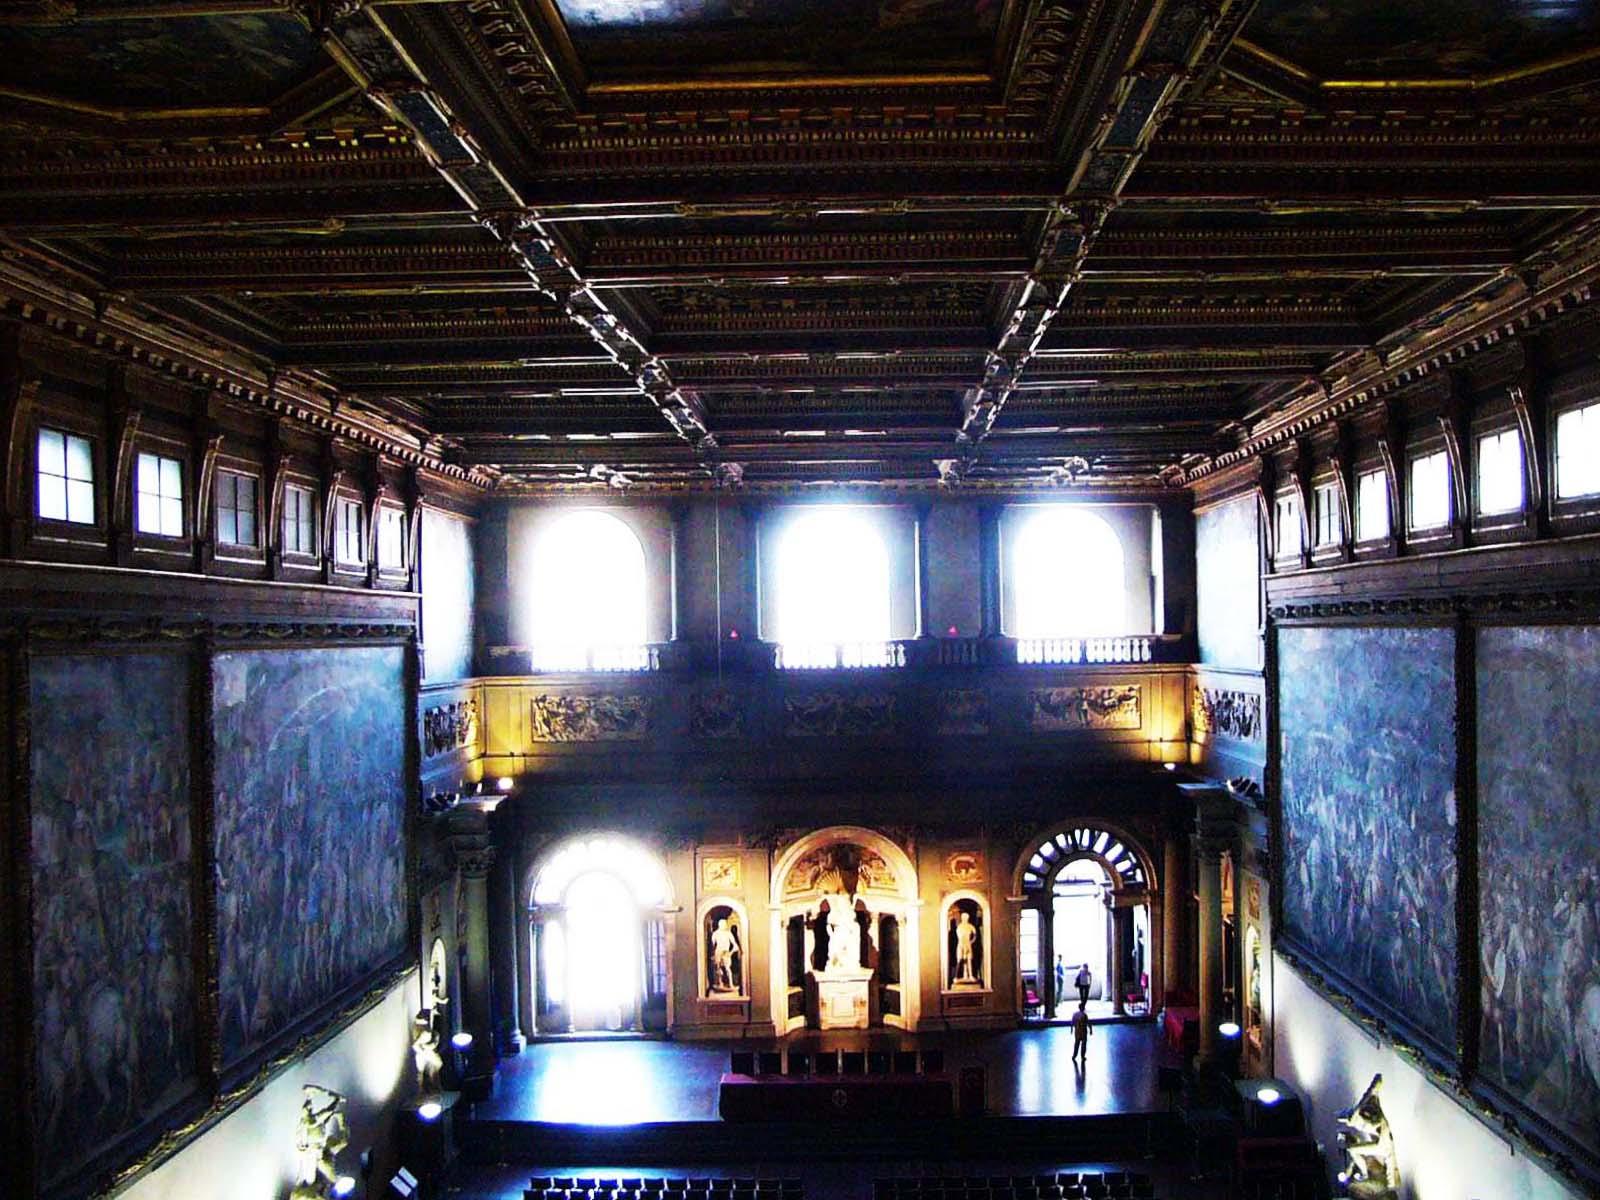 ヴェッキオ宮殿・フィレンツェ